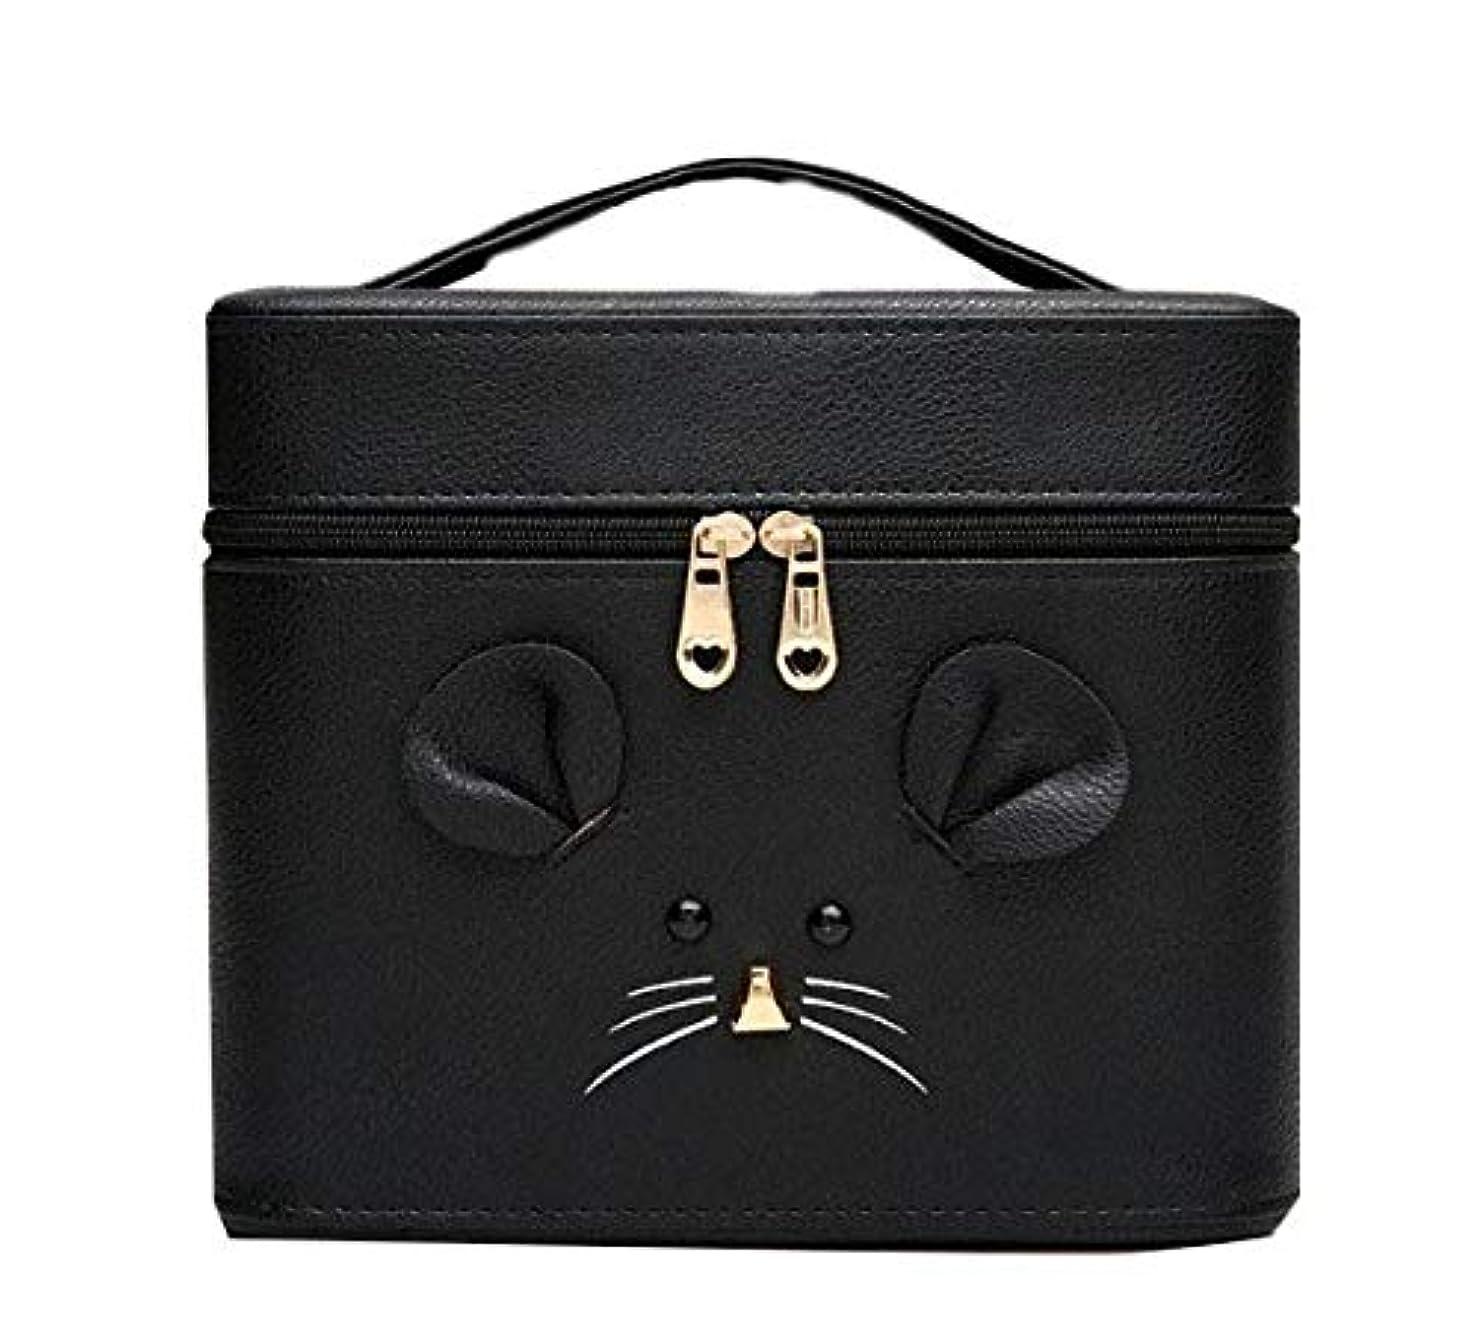 改善するエンティティターゲット化粧箱、黒漫画のマウス化粧ケース、ポータブル旅行化粧品ケース、美容ネイルジュエリー収納ボックス (Size : S)